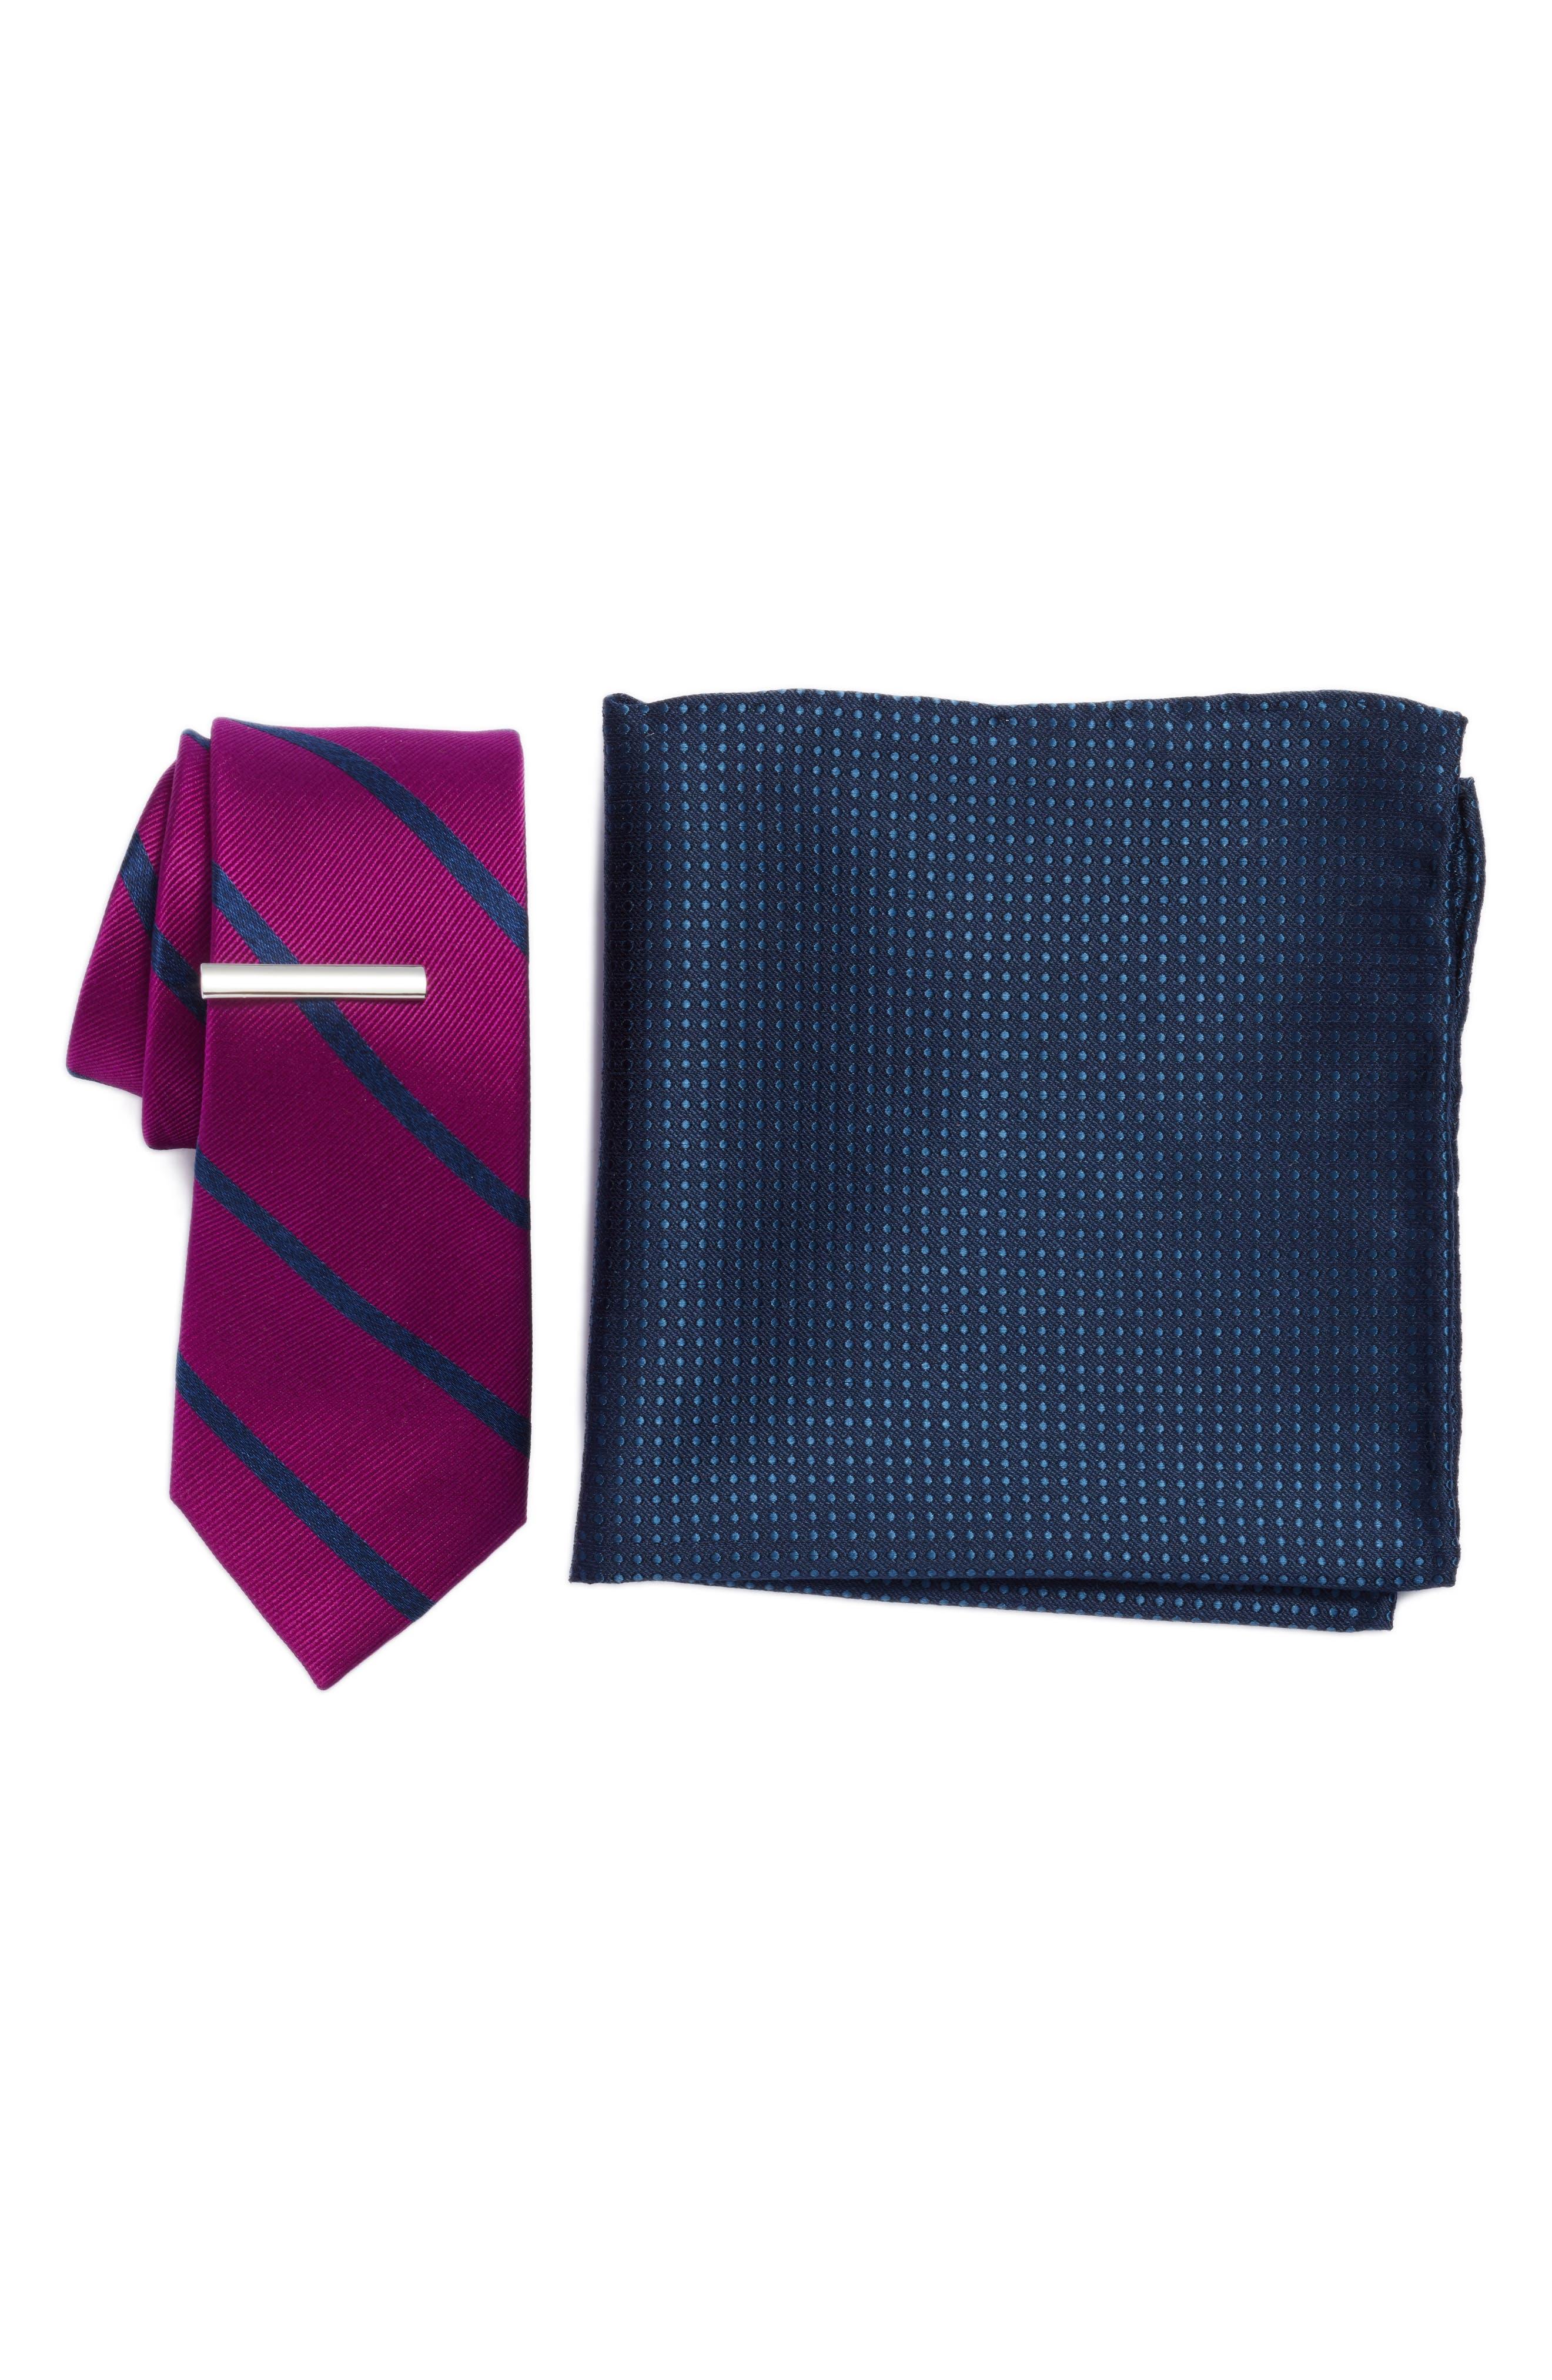 Wheelhouse Stripe 3-Piece Skinny Tie Style Box,                             Main thumbnail 1, color,                             Azalea